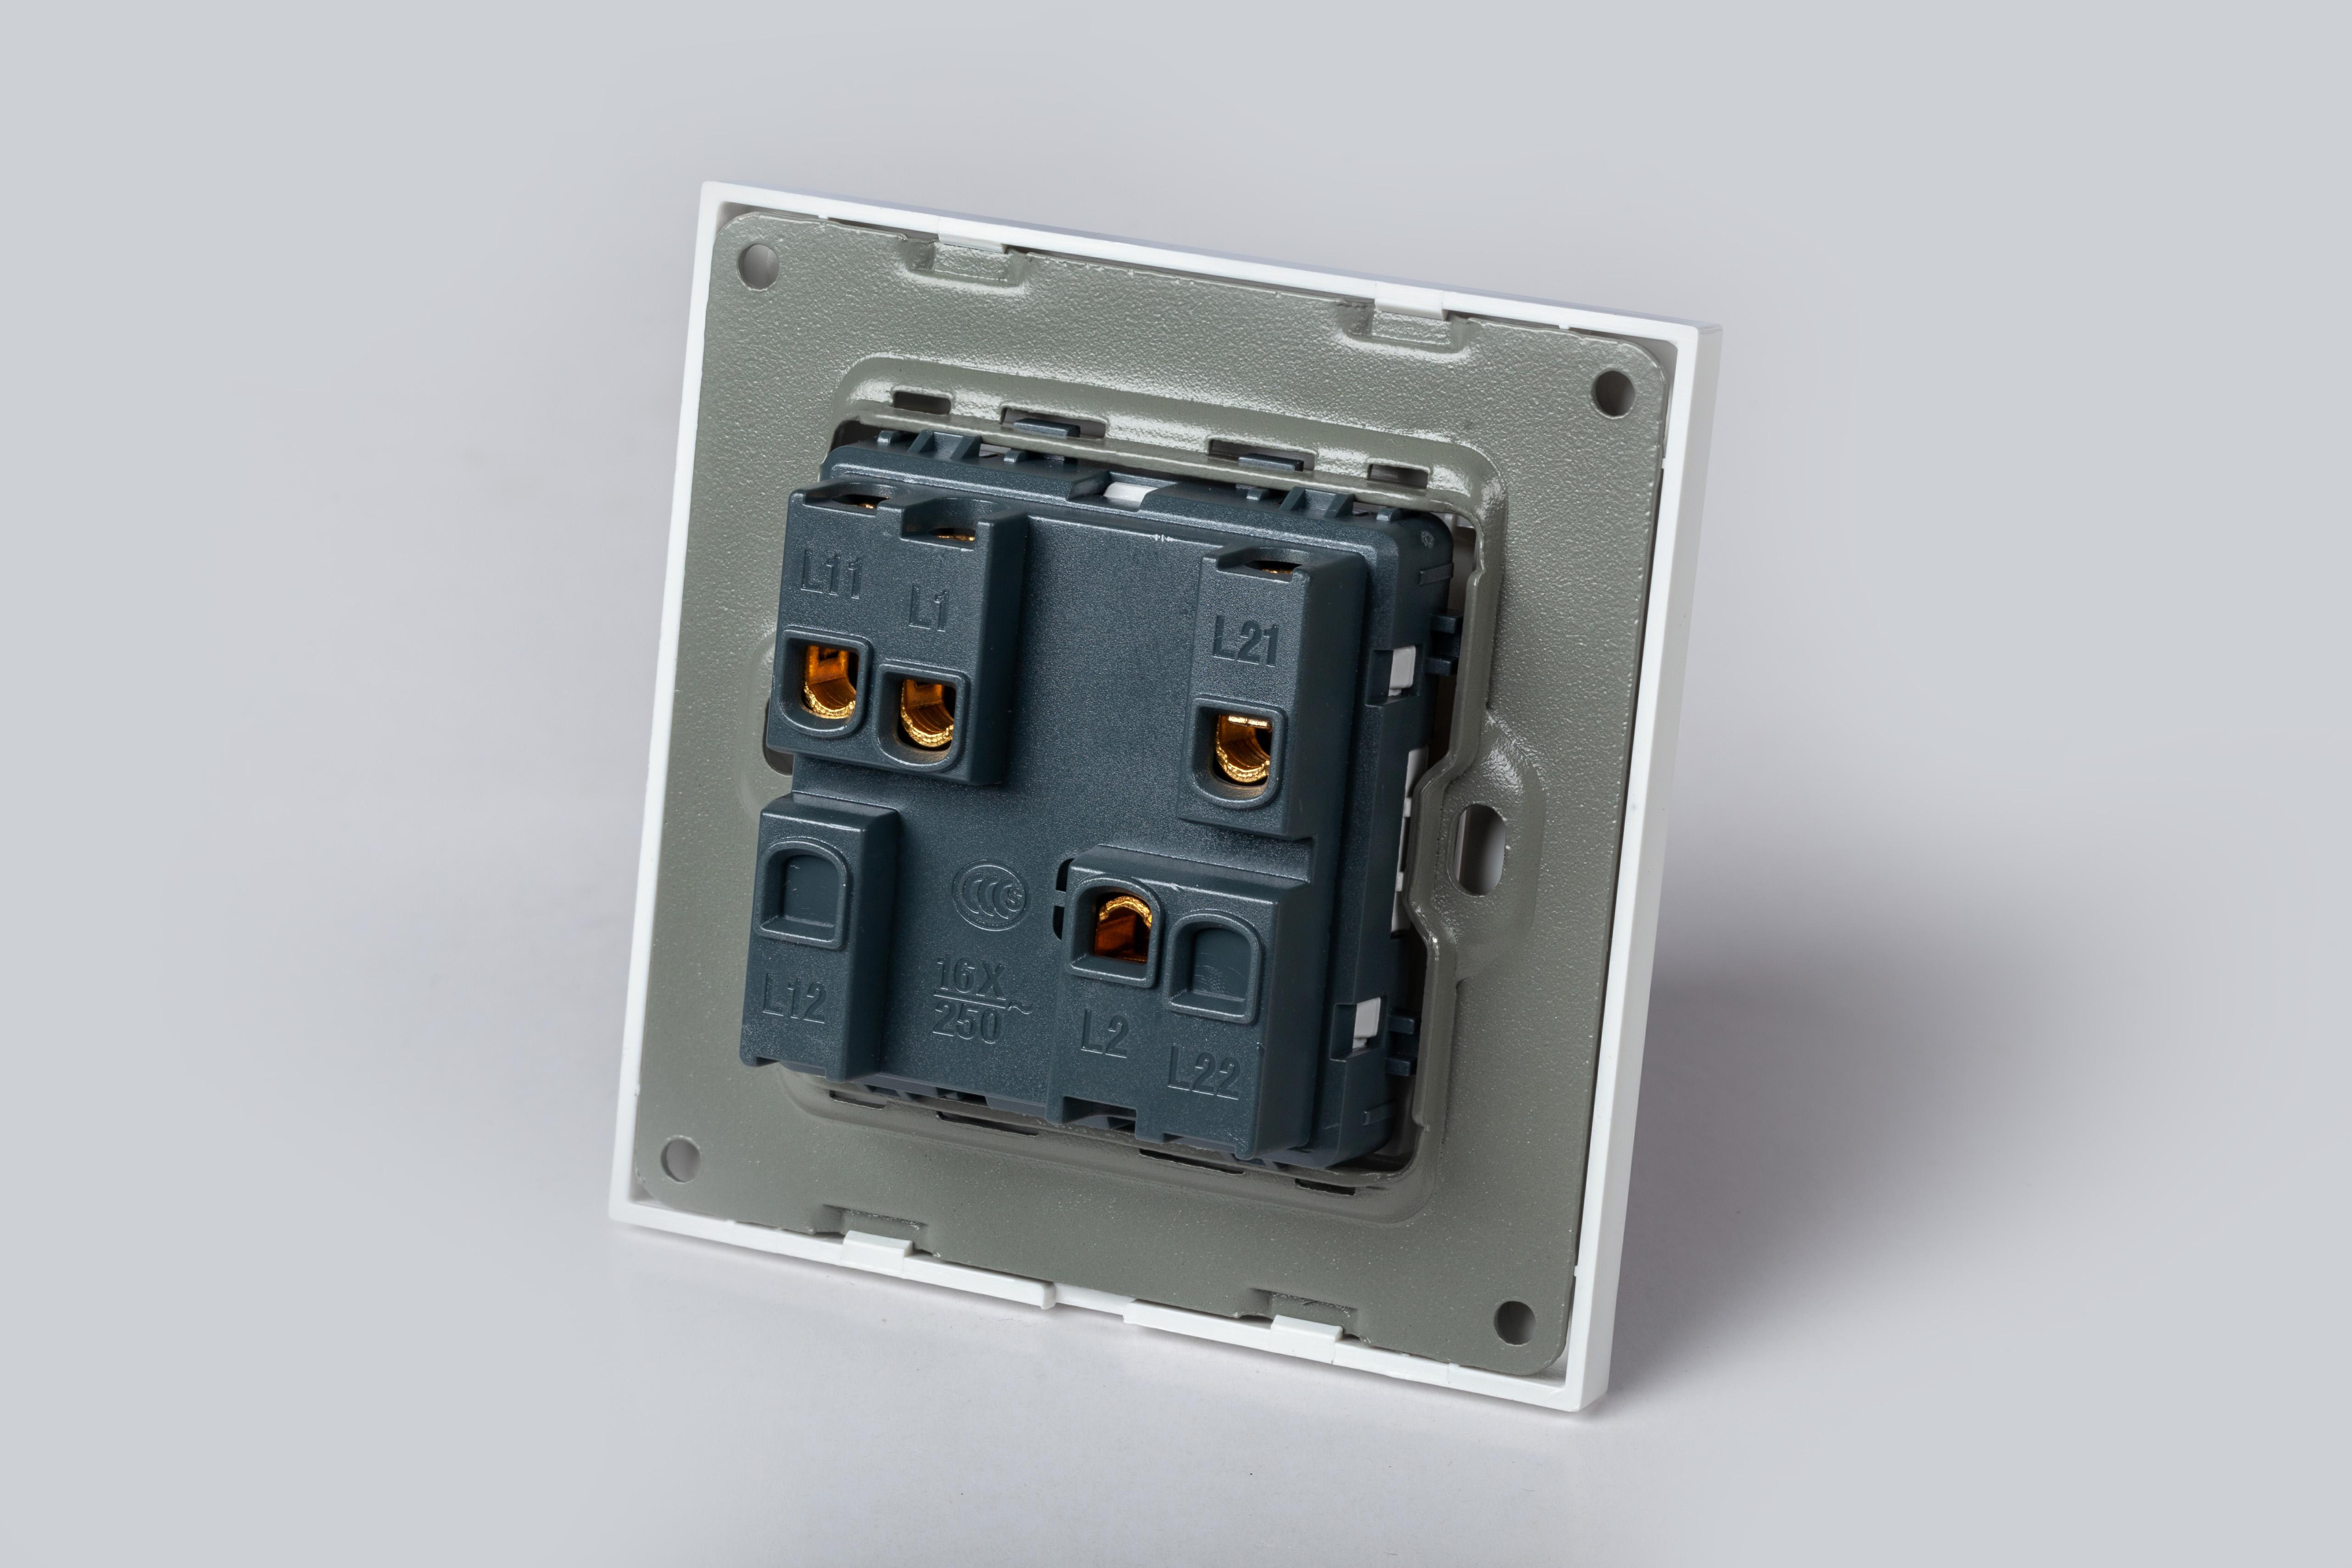 Công tắc điện 3 nút âm tường vuông âm tường có led kèm đế âm LG-F21-003 - Hàng Chính Hãng